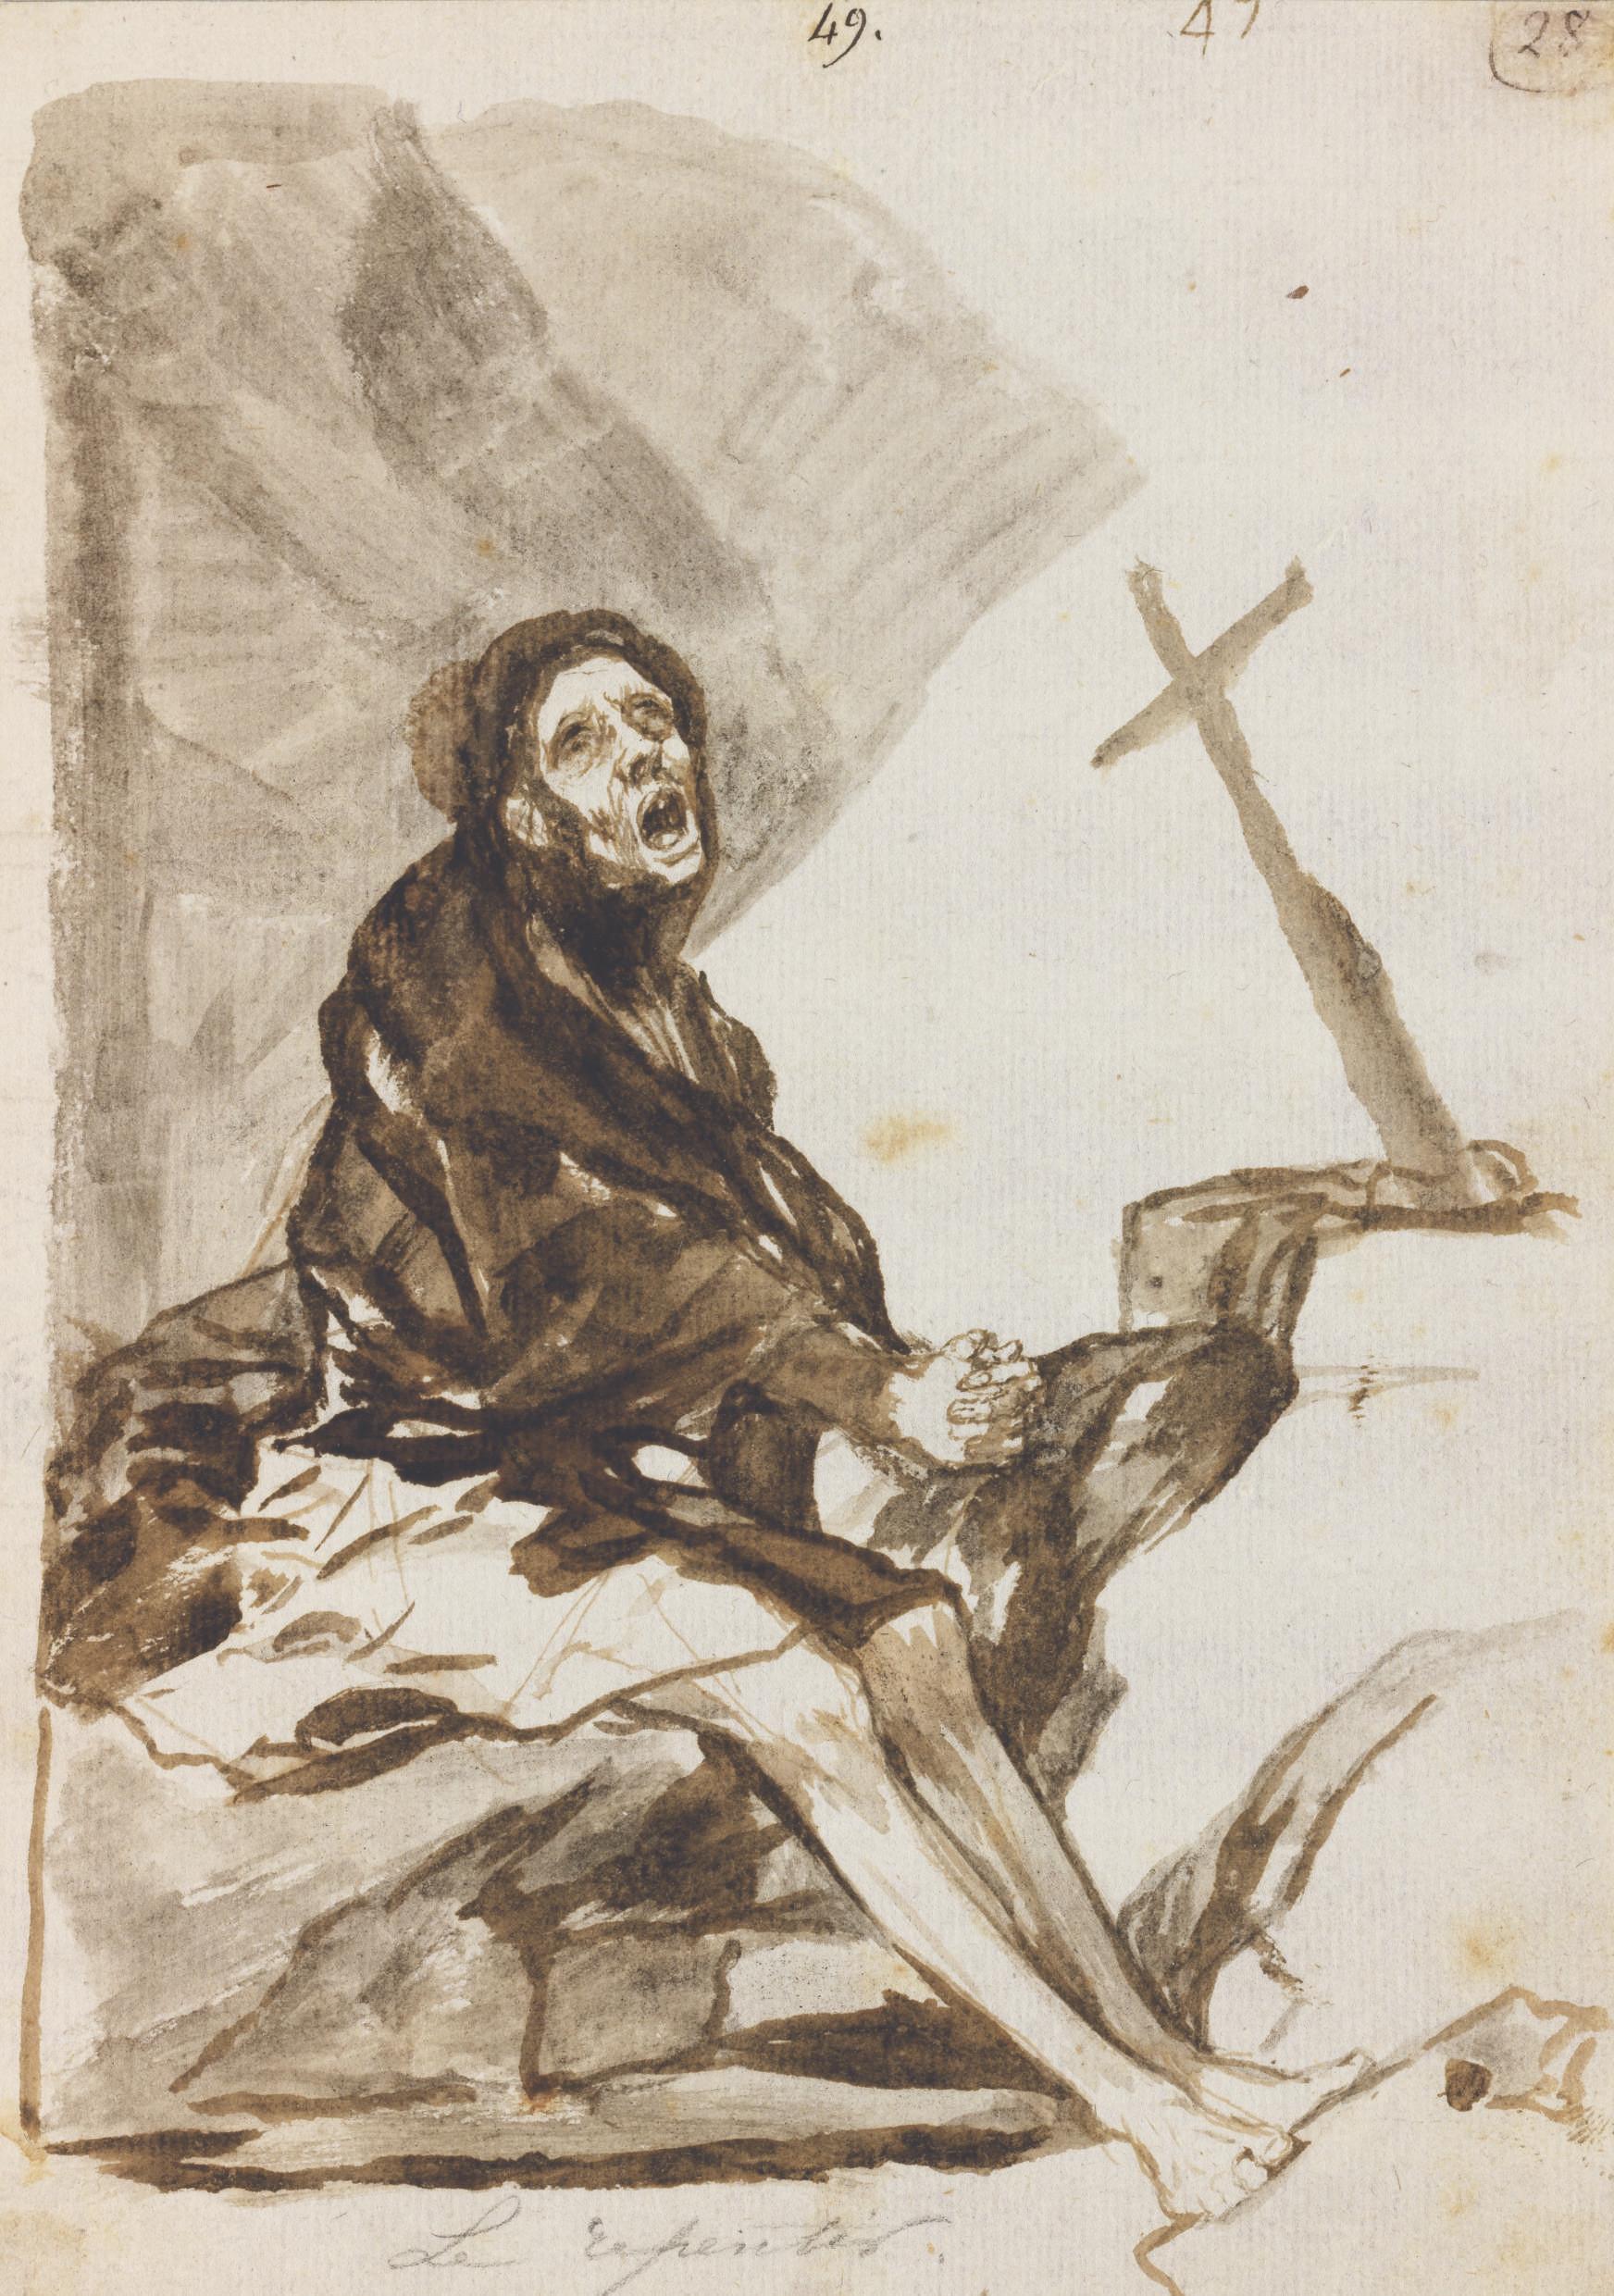 Francisco José de Goya y Lucientes (Fuendetodos 1746-1828 Bordeaux)